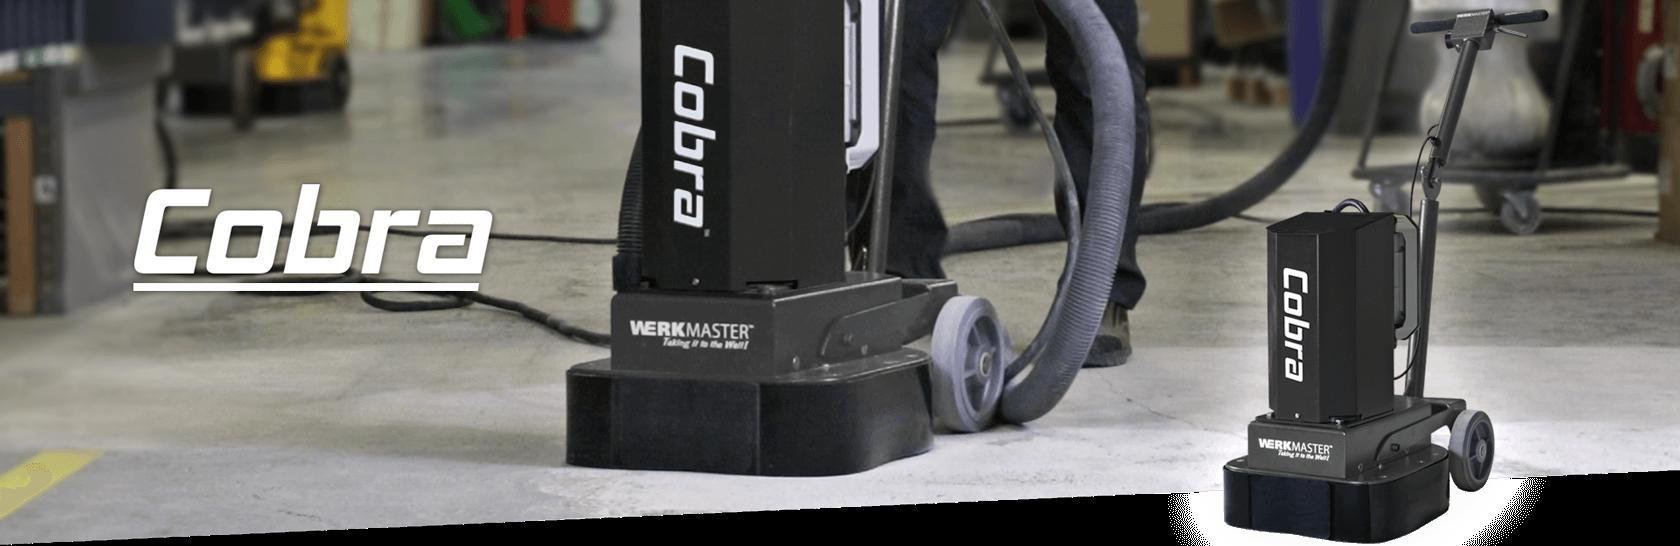 WerkMaster Cobra